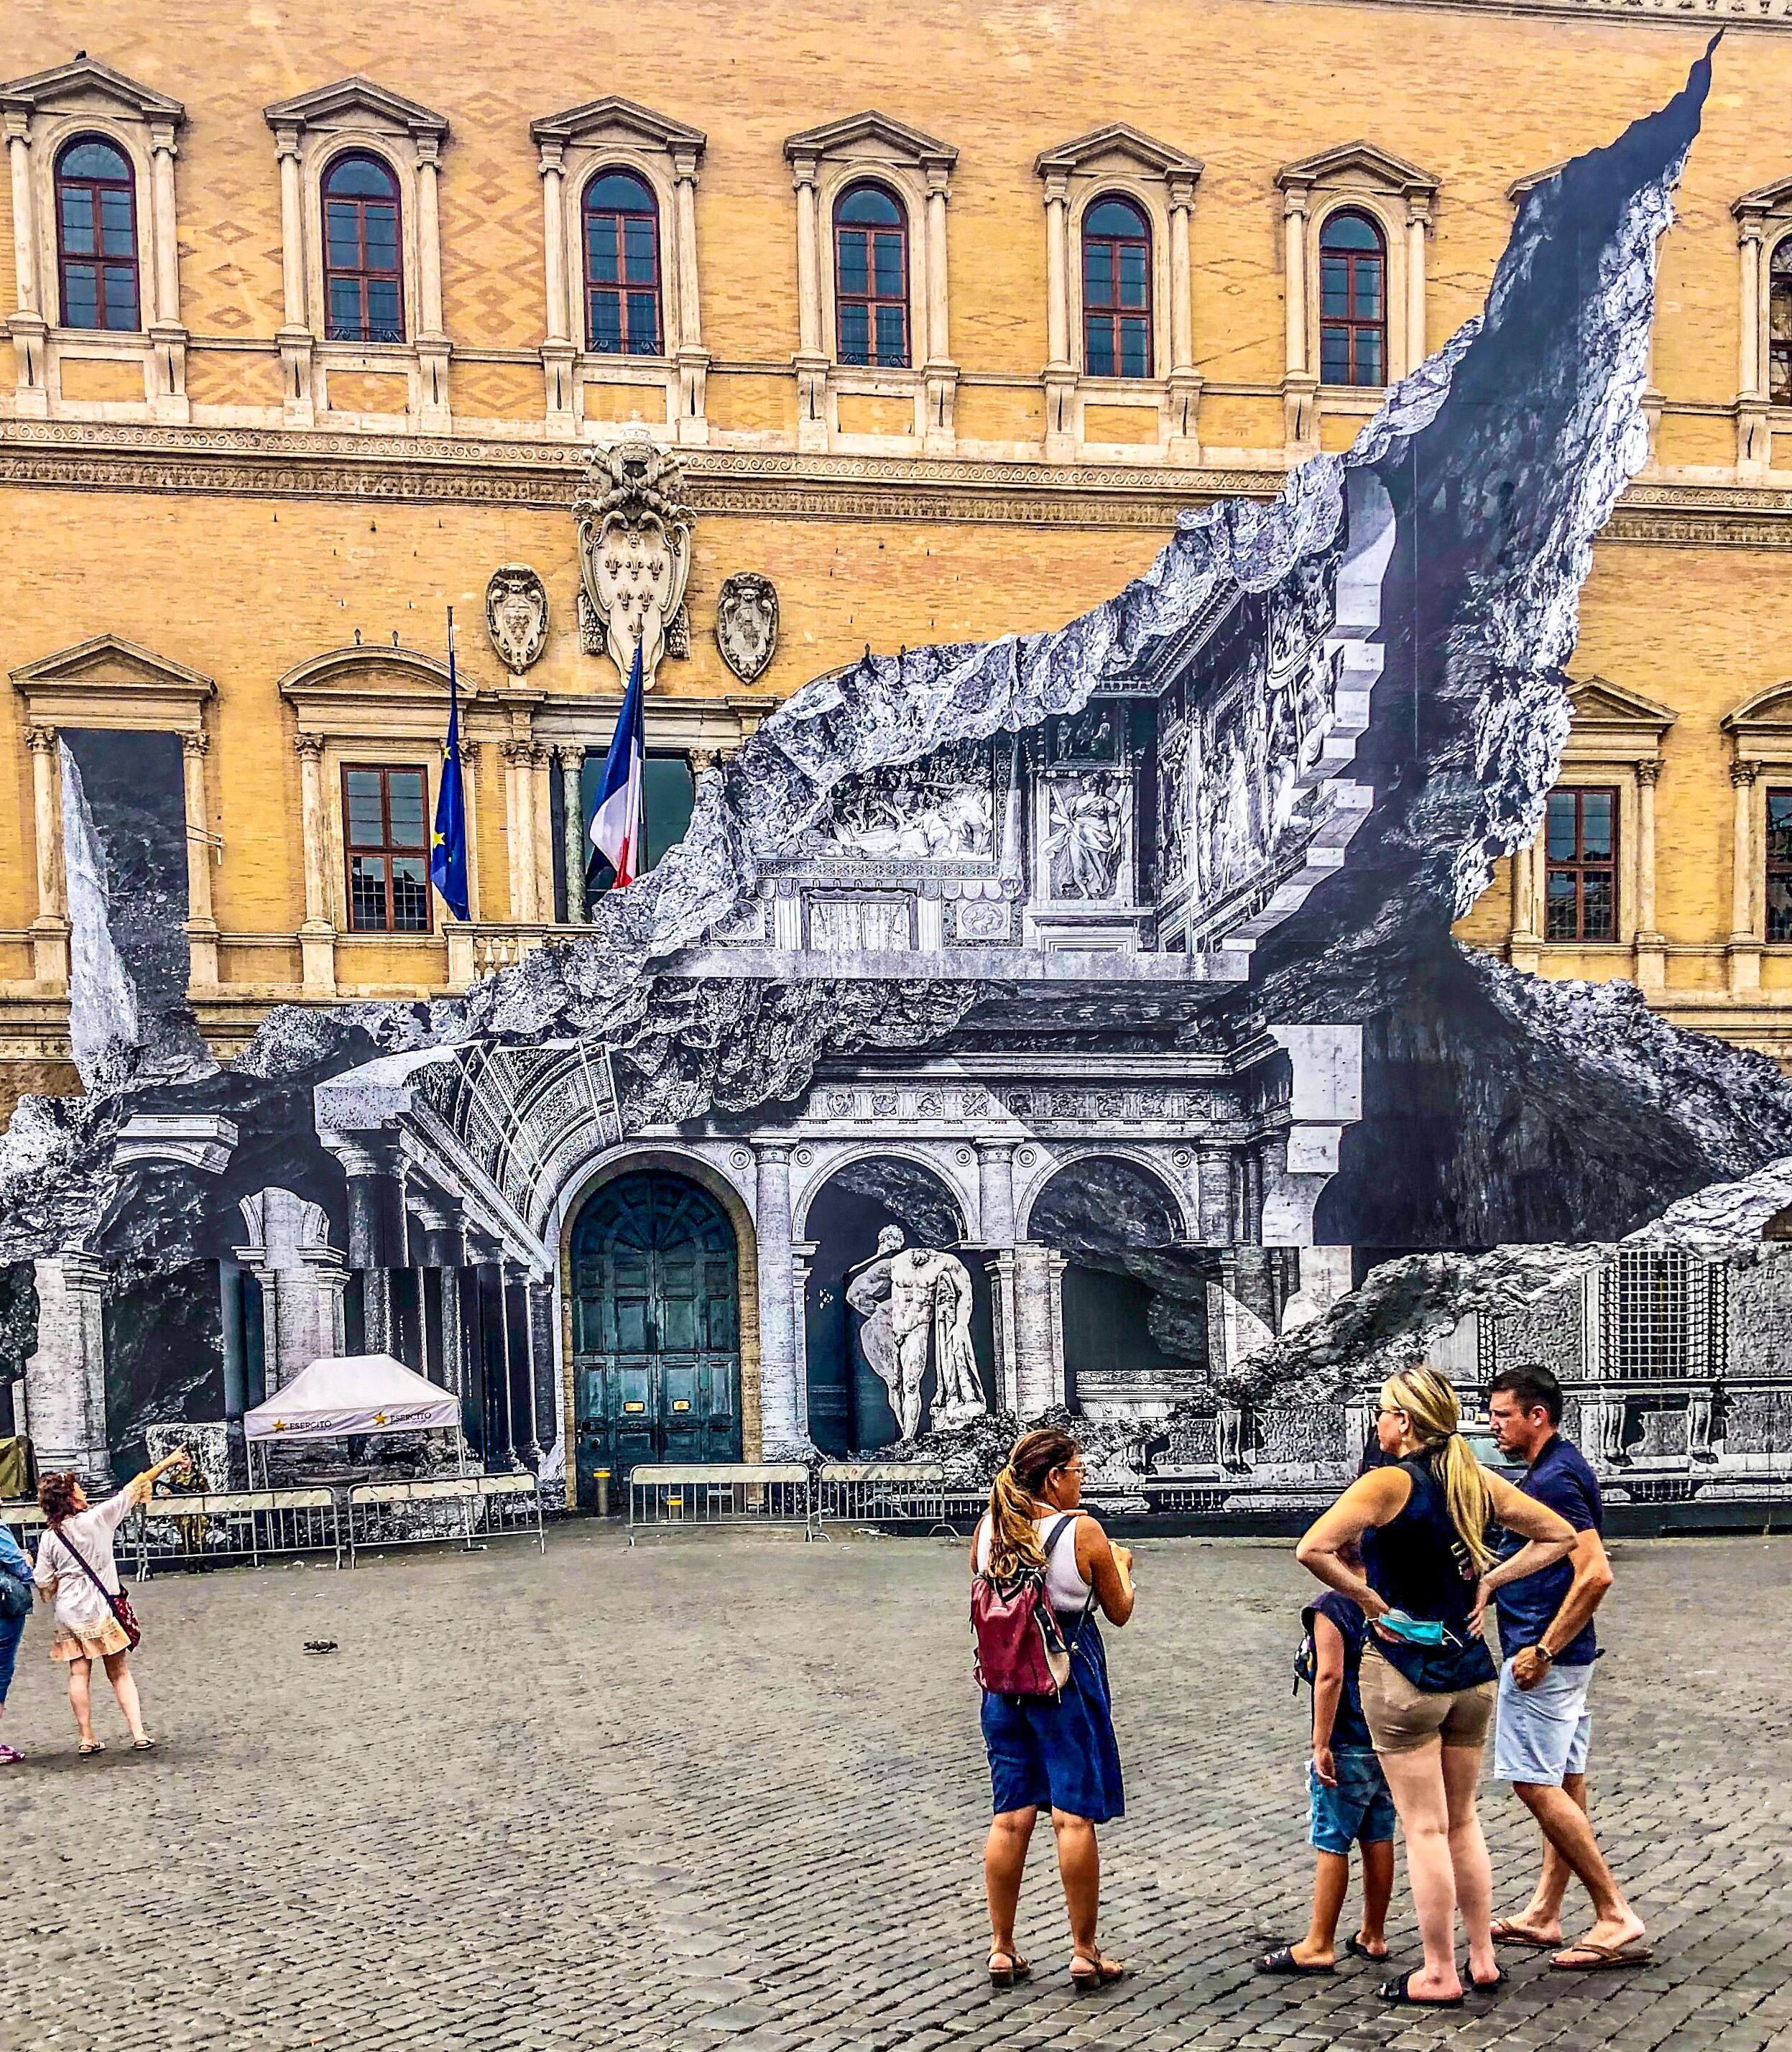 Installazione dell'artista JR, Palazzo Farnese, Roma 2021. Foto Sam